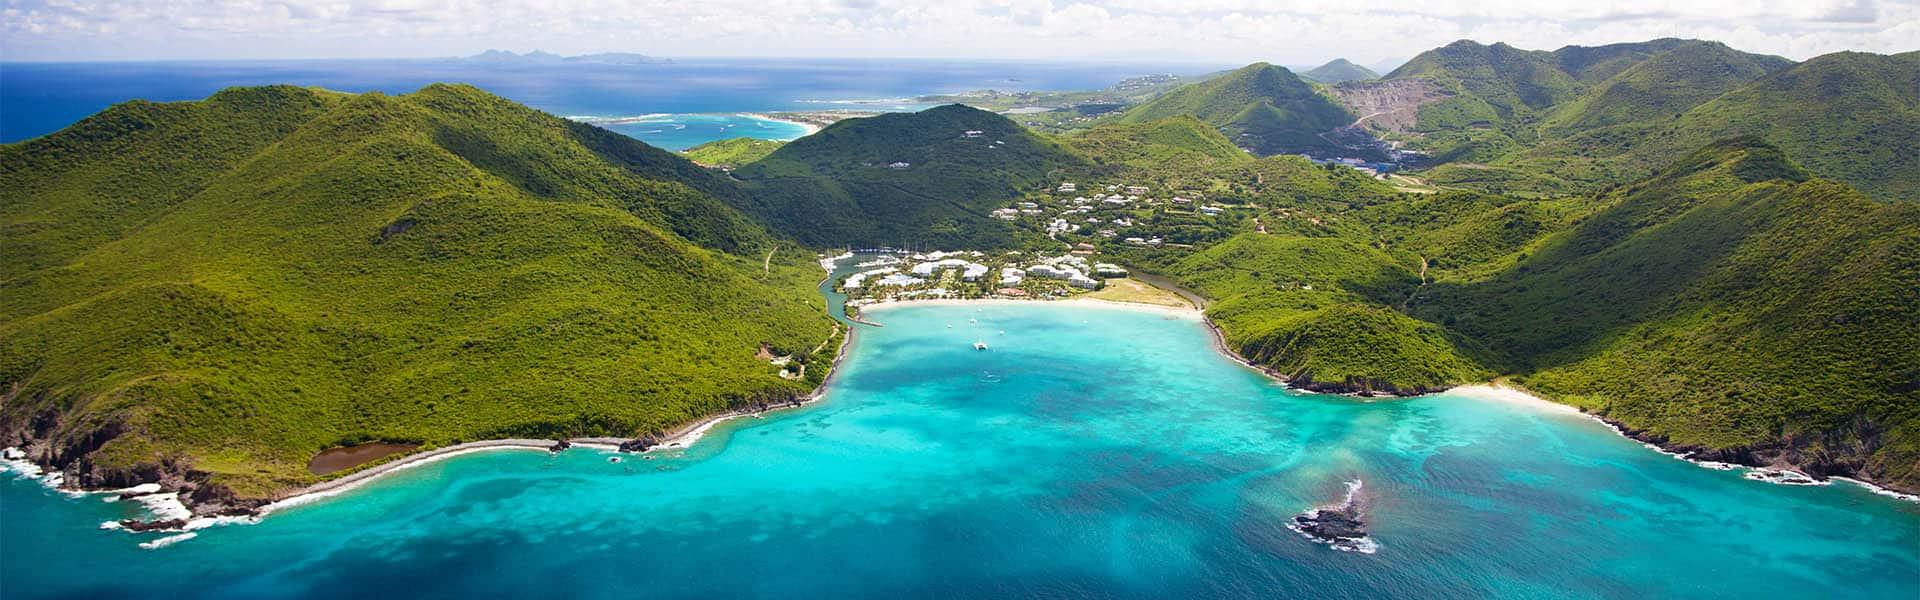 El Caribe: St. Maarten, Santa Lucía y Barbados